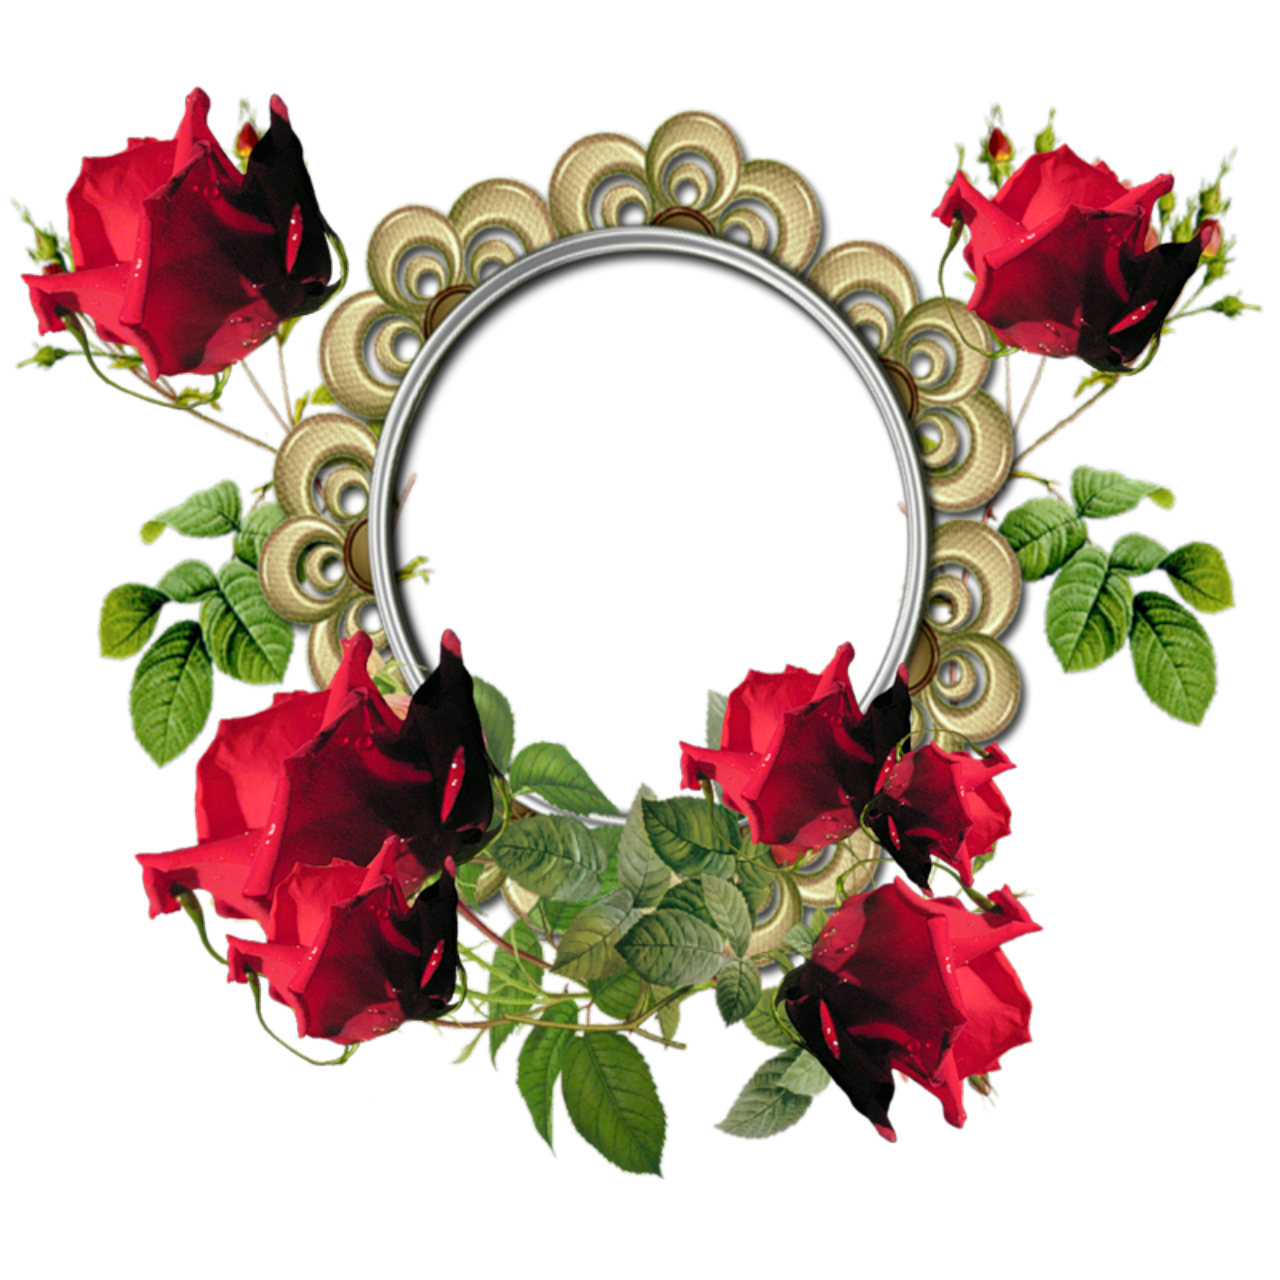 Oval flower border